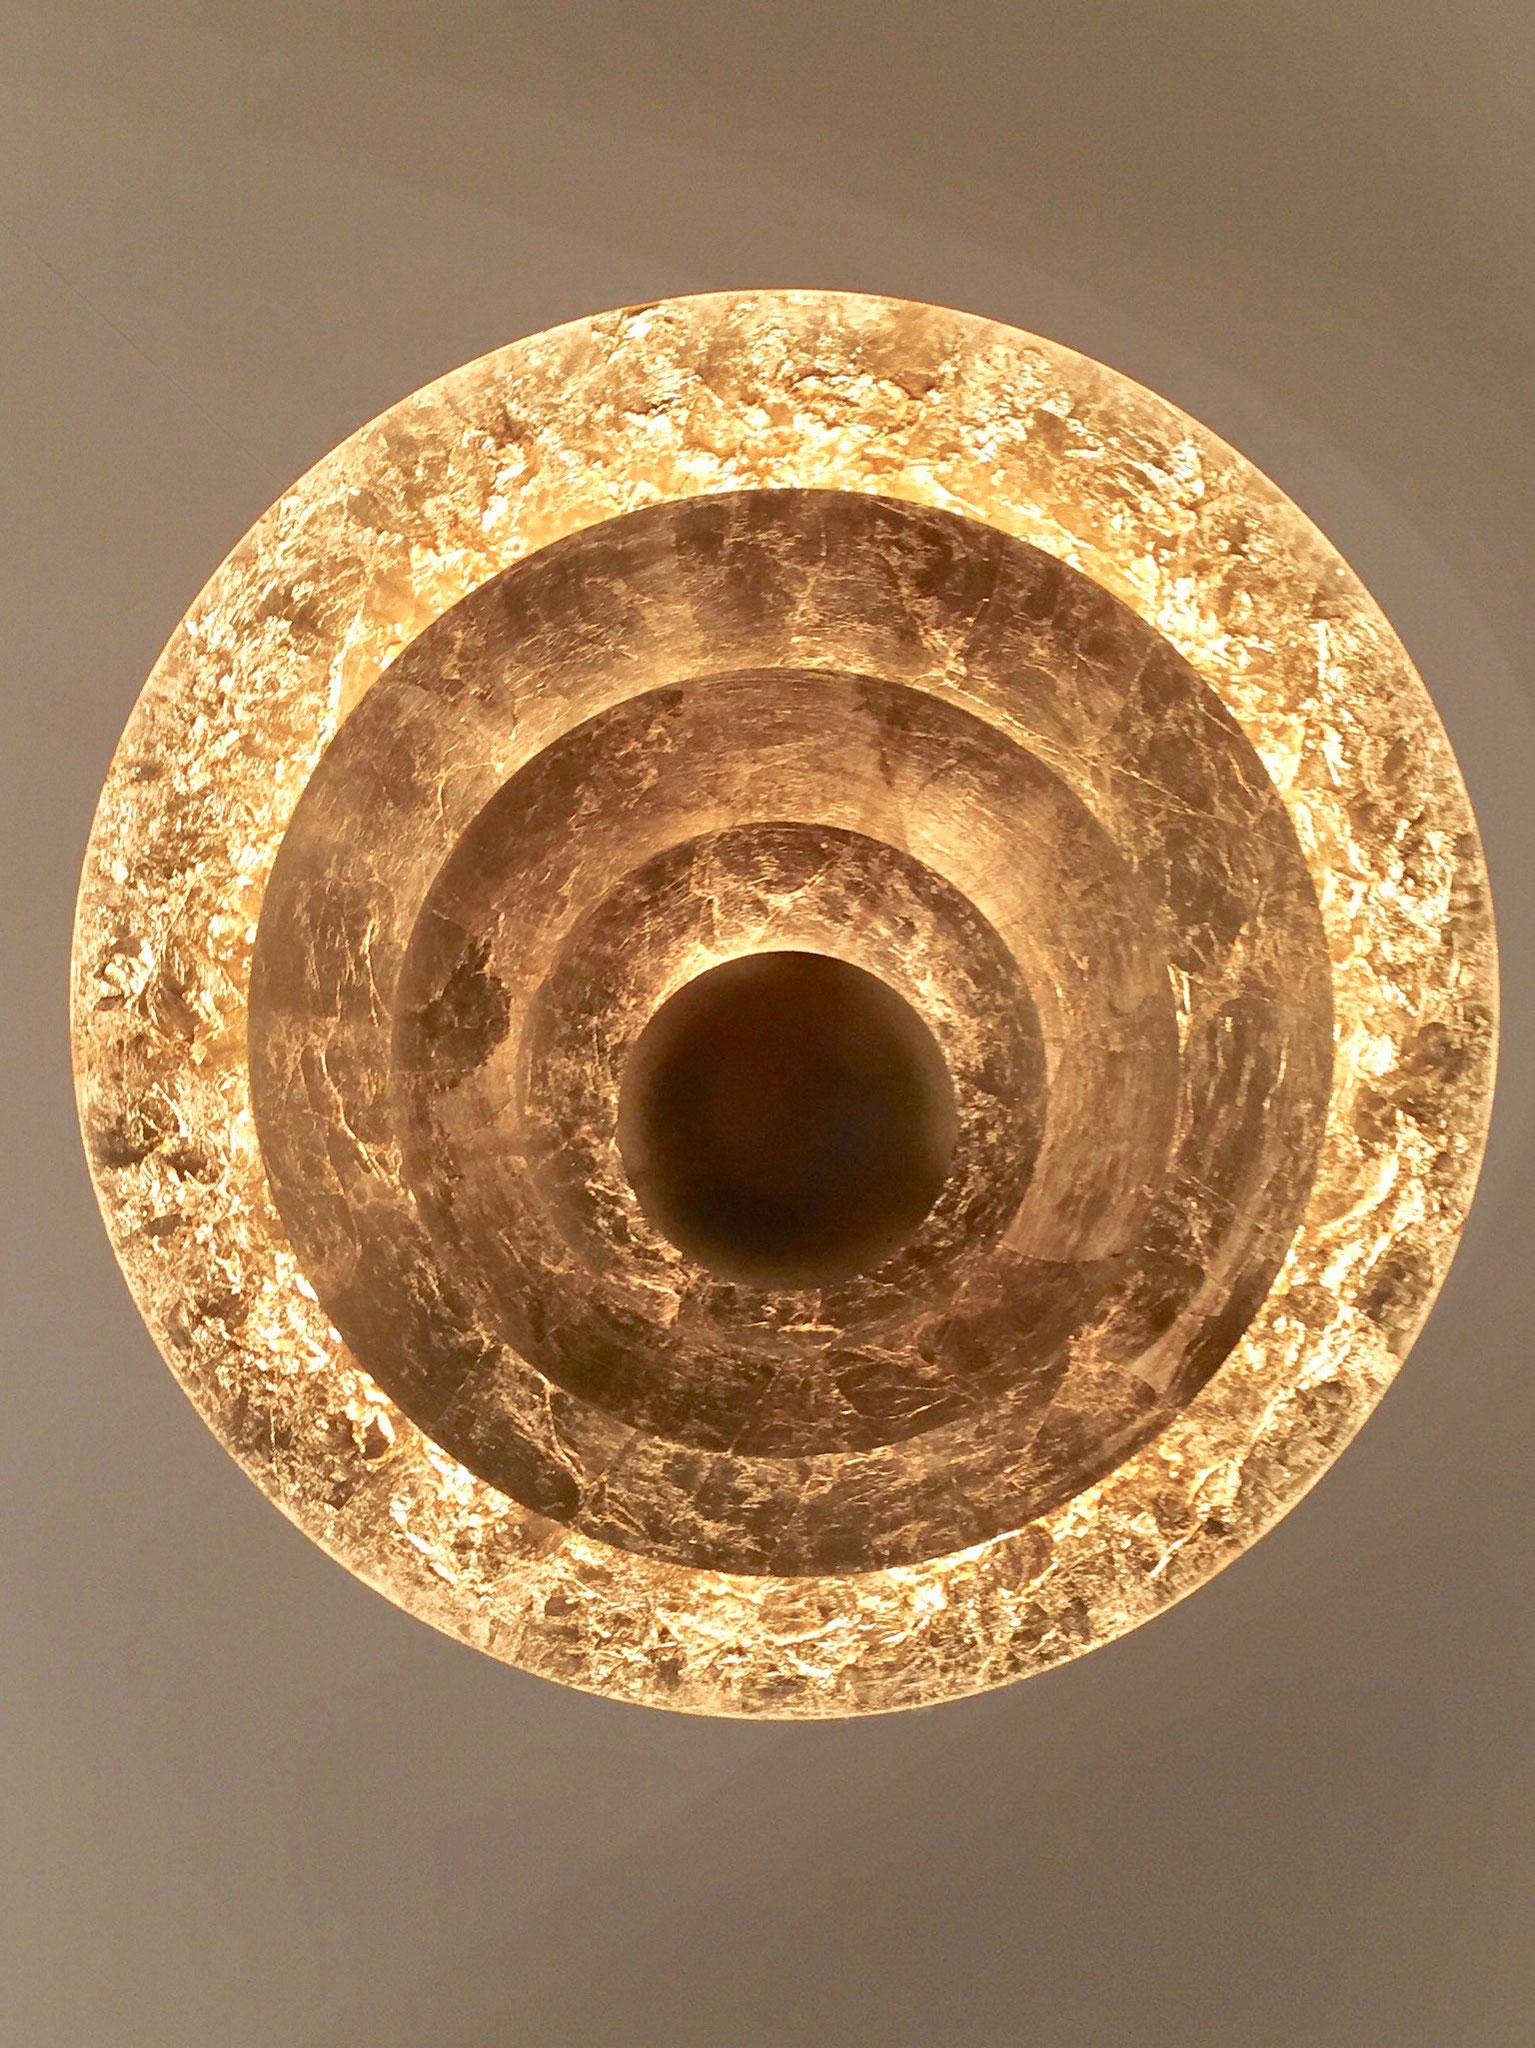 un magnifique lustre d'or vêtu.